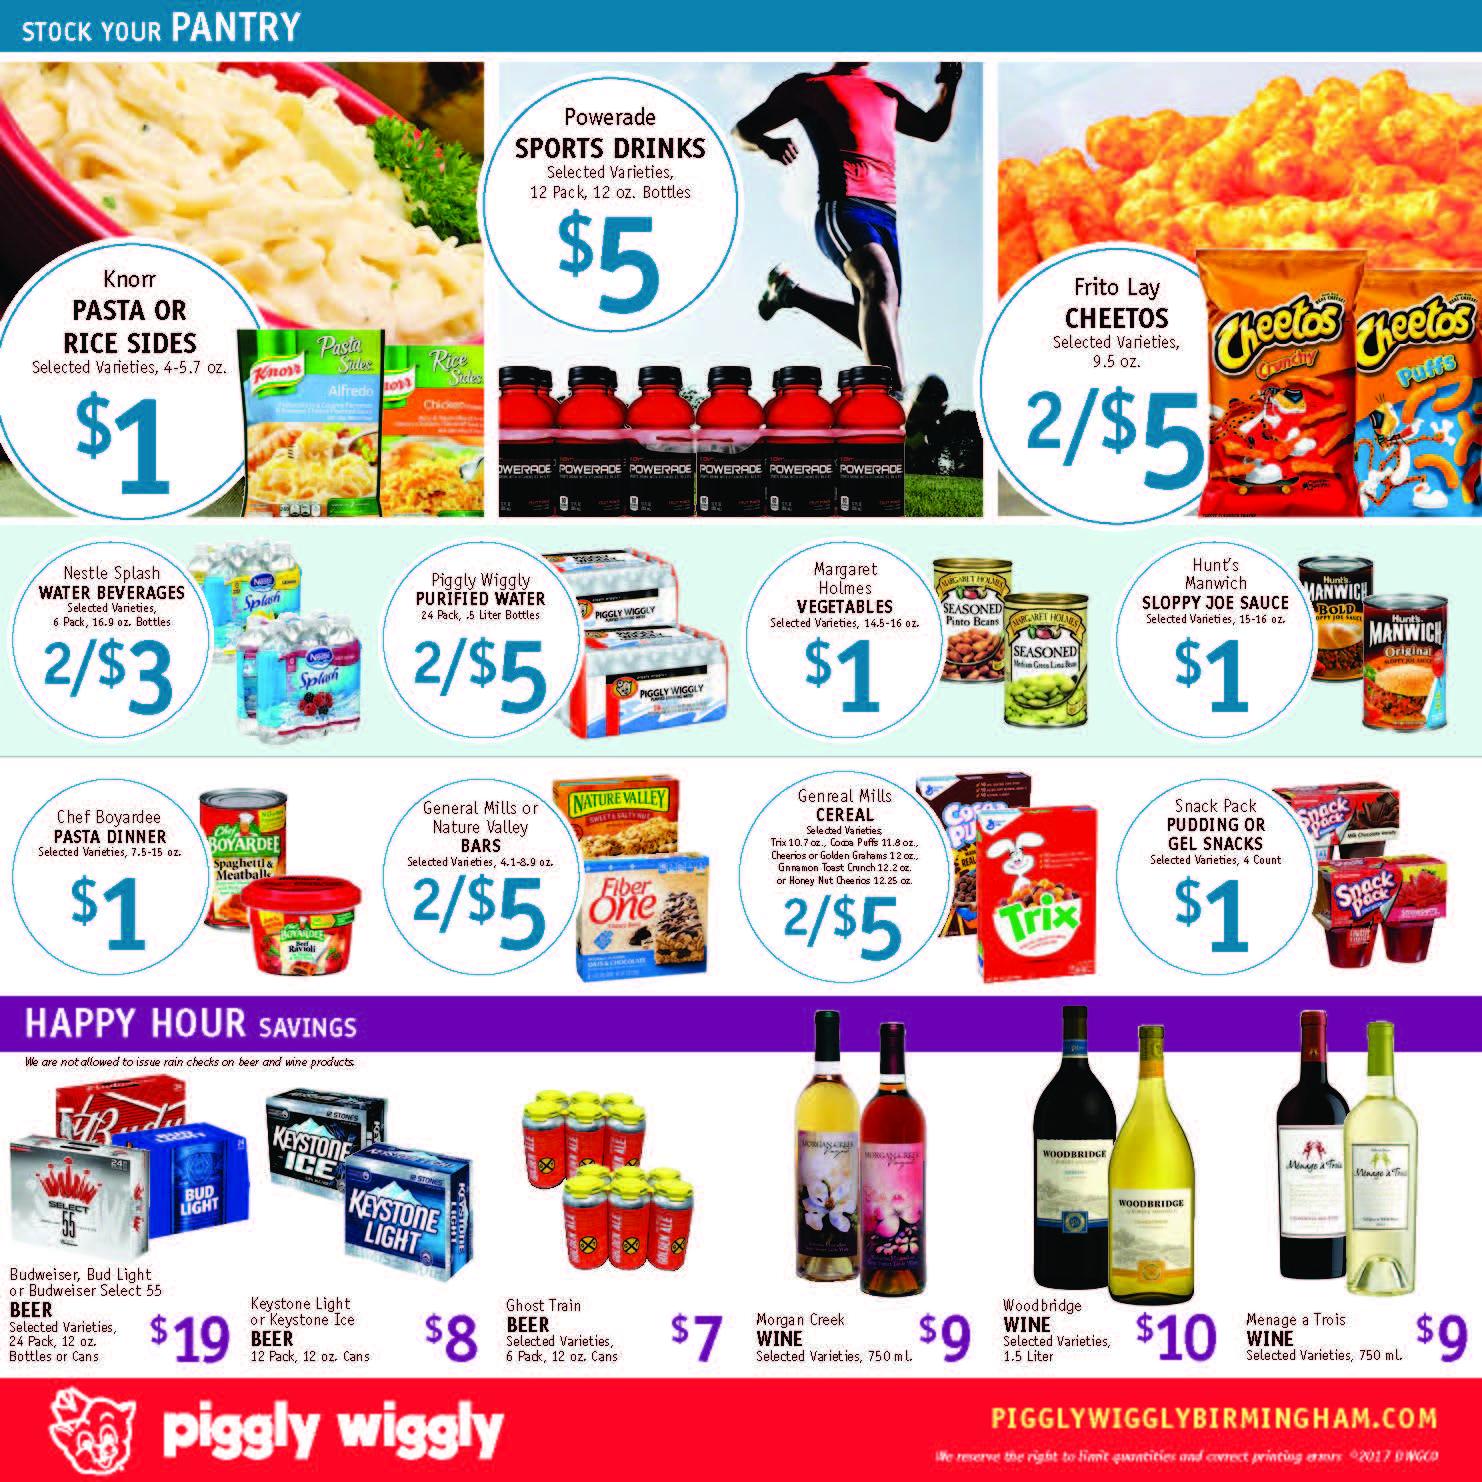 Piggly wiggly coupons alabama